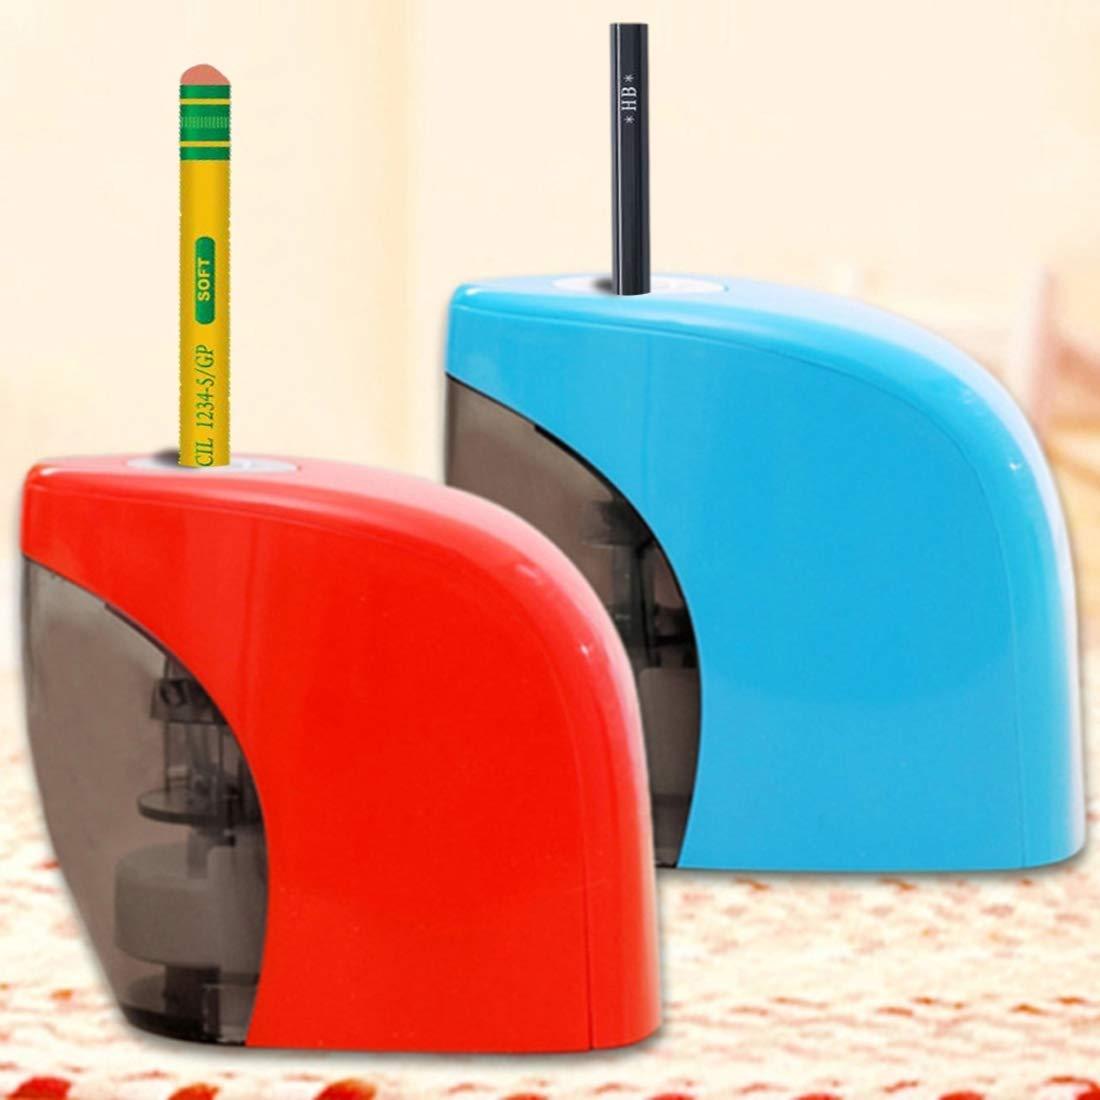 Ziemlich Büro- und Schulbedarf USB-Bleistiftspitzer-Elektrospitzer, Größe  9,5  8,9 8,9 8,9  5,2 cm B07PX8M2C6 | Vorzügliche Verarbeitung  cabafb